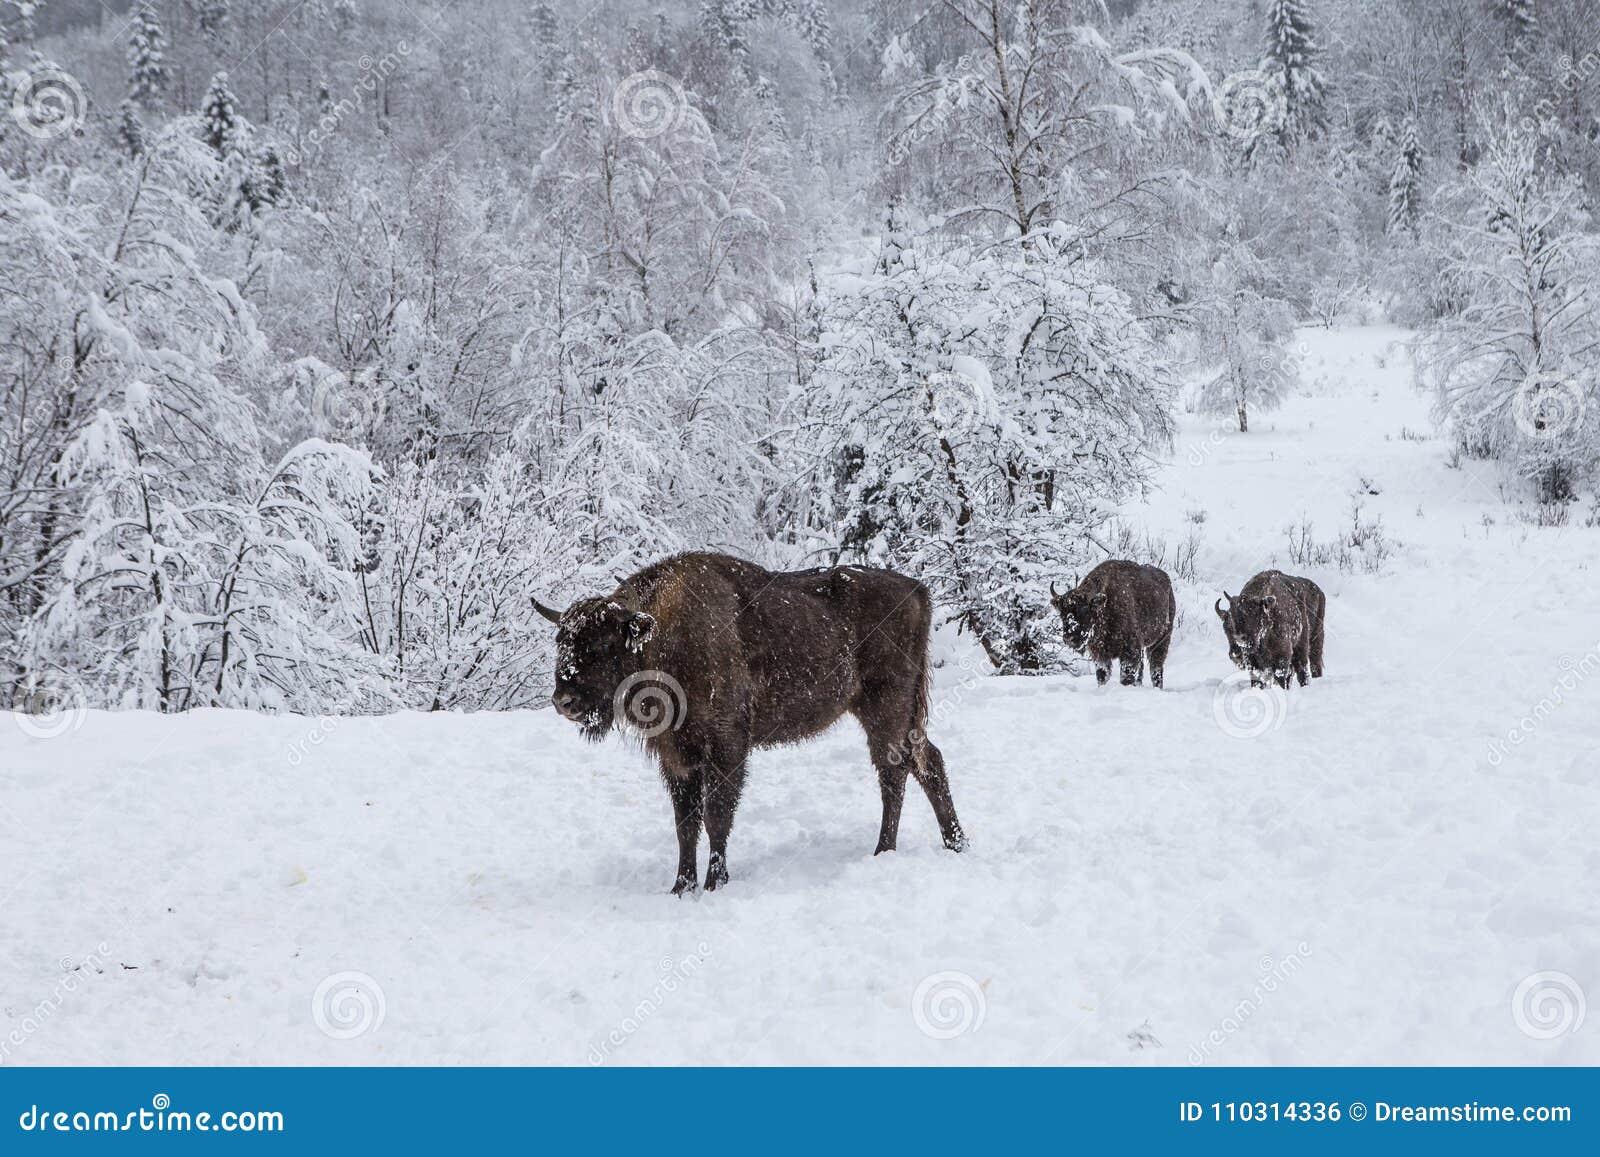 Europeiskt program för återställandet av den europeiska bisonbefolkningen, Karpaty reserv, Ukraina